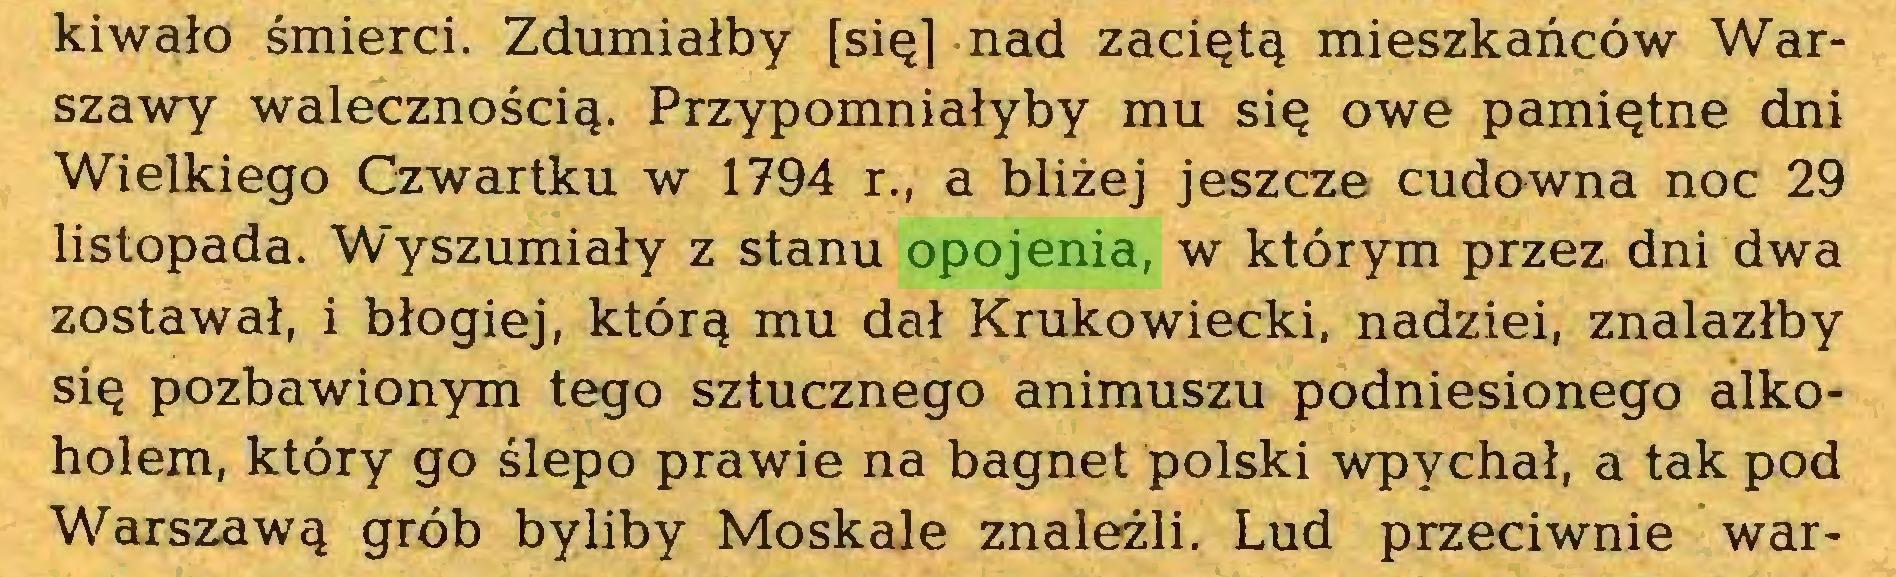 (...) kiwało śmierci. Zdumiałby [się] nad zaciętą mieszkańców Warszawy walecznością. Przypomniałyby mu się owe pamiętne dni Wielkiego Czwartku w 1794 r., a bliżej jeszcze cudowna noc 29 listopada. Wyszumiały z stanu opojenia, w którym przez dni dwa zostawał, i błogiej, którą mu dał Krukowiecki, nadziei, znalazłby się pozbawionym tego sztucznego animuszu podniesionego alkoholem, który go ślepo prawie na bagnet polski wpychał, a tak pod Warszawą grób byliby Moskale znaleźli. Lud przeciwnie war...